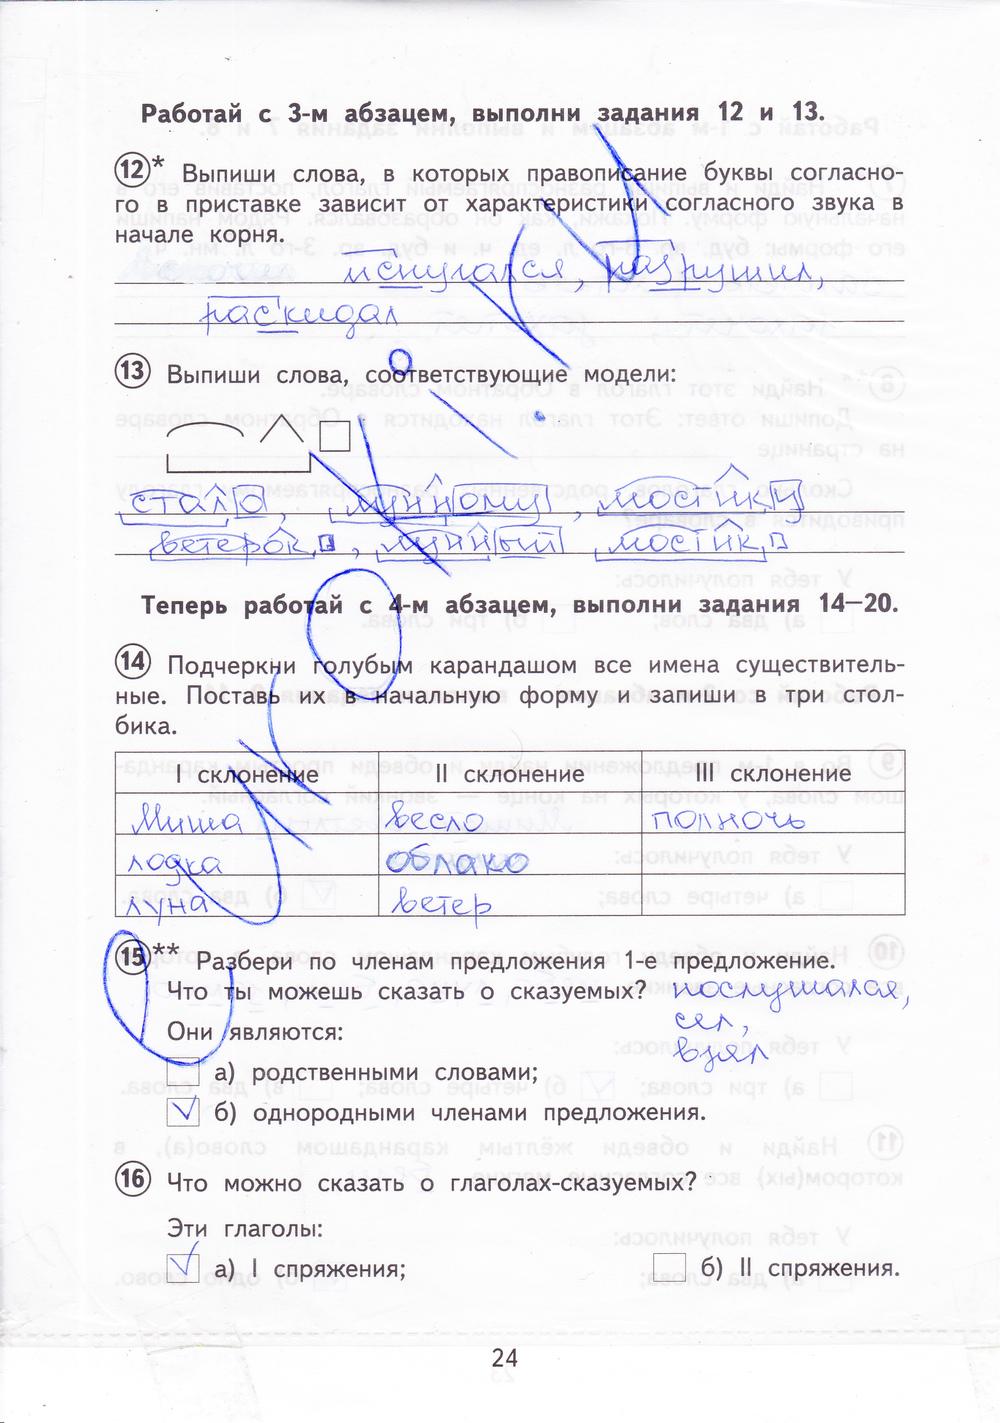 Михайлова работа класс русскому языку гдз 4 проверочная по